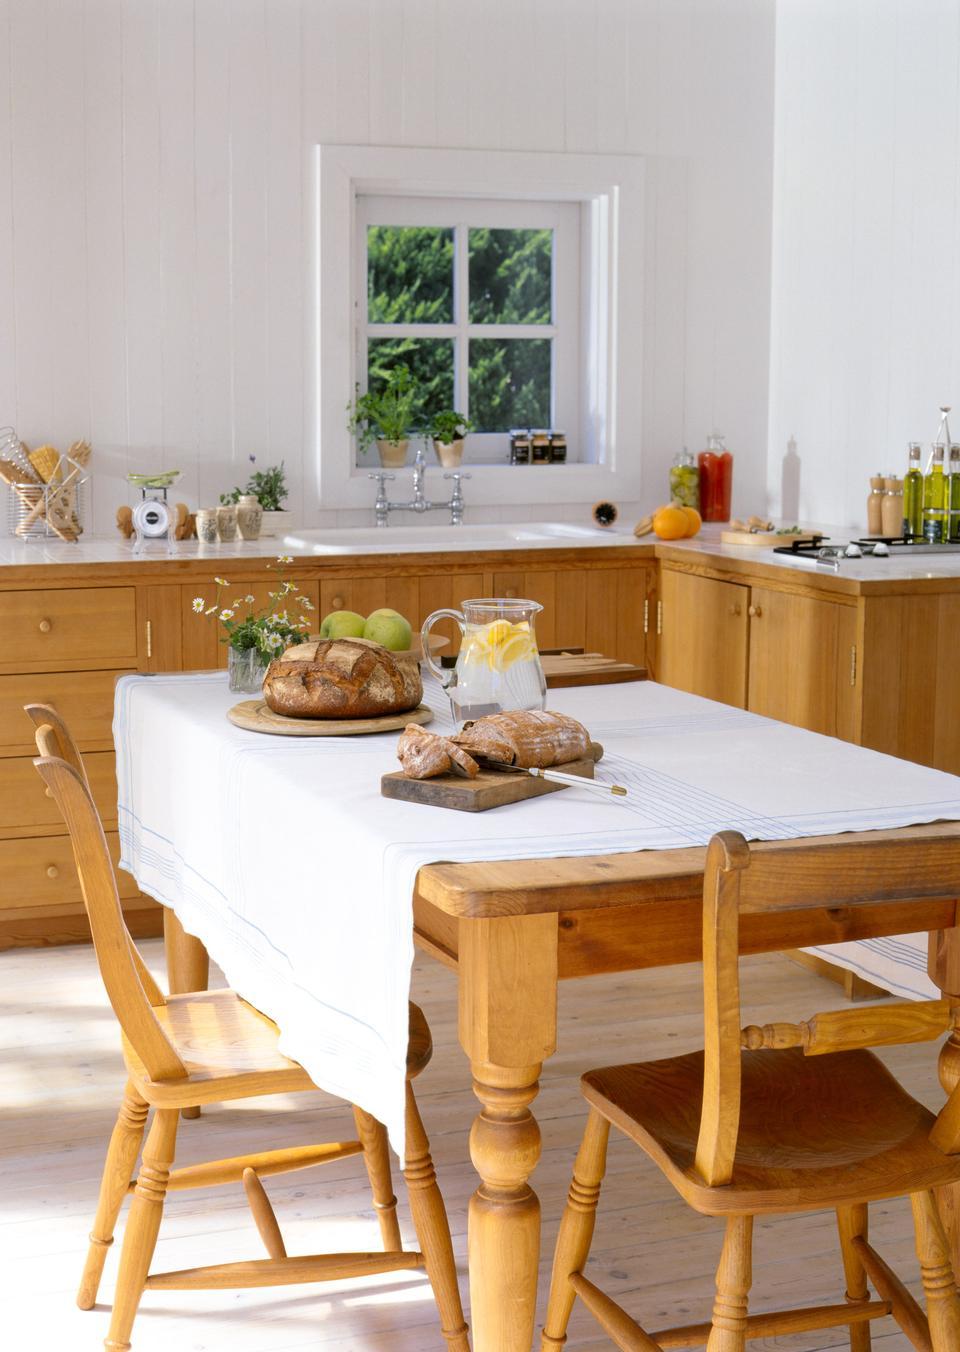 Frühstückstisch mit Wasser und Brot